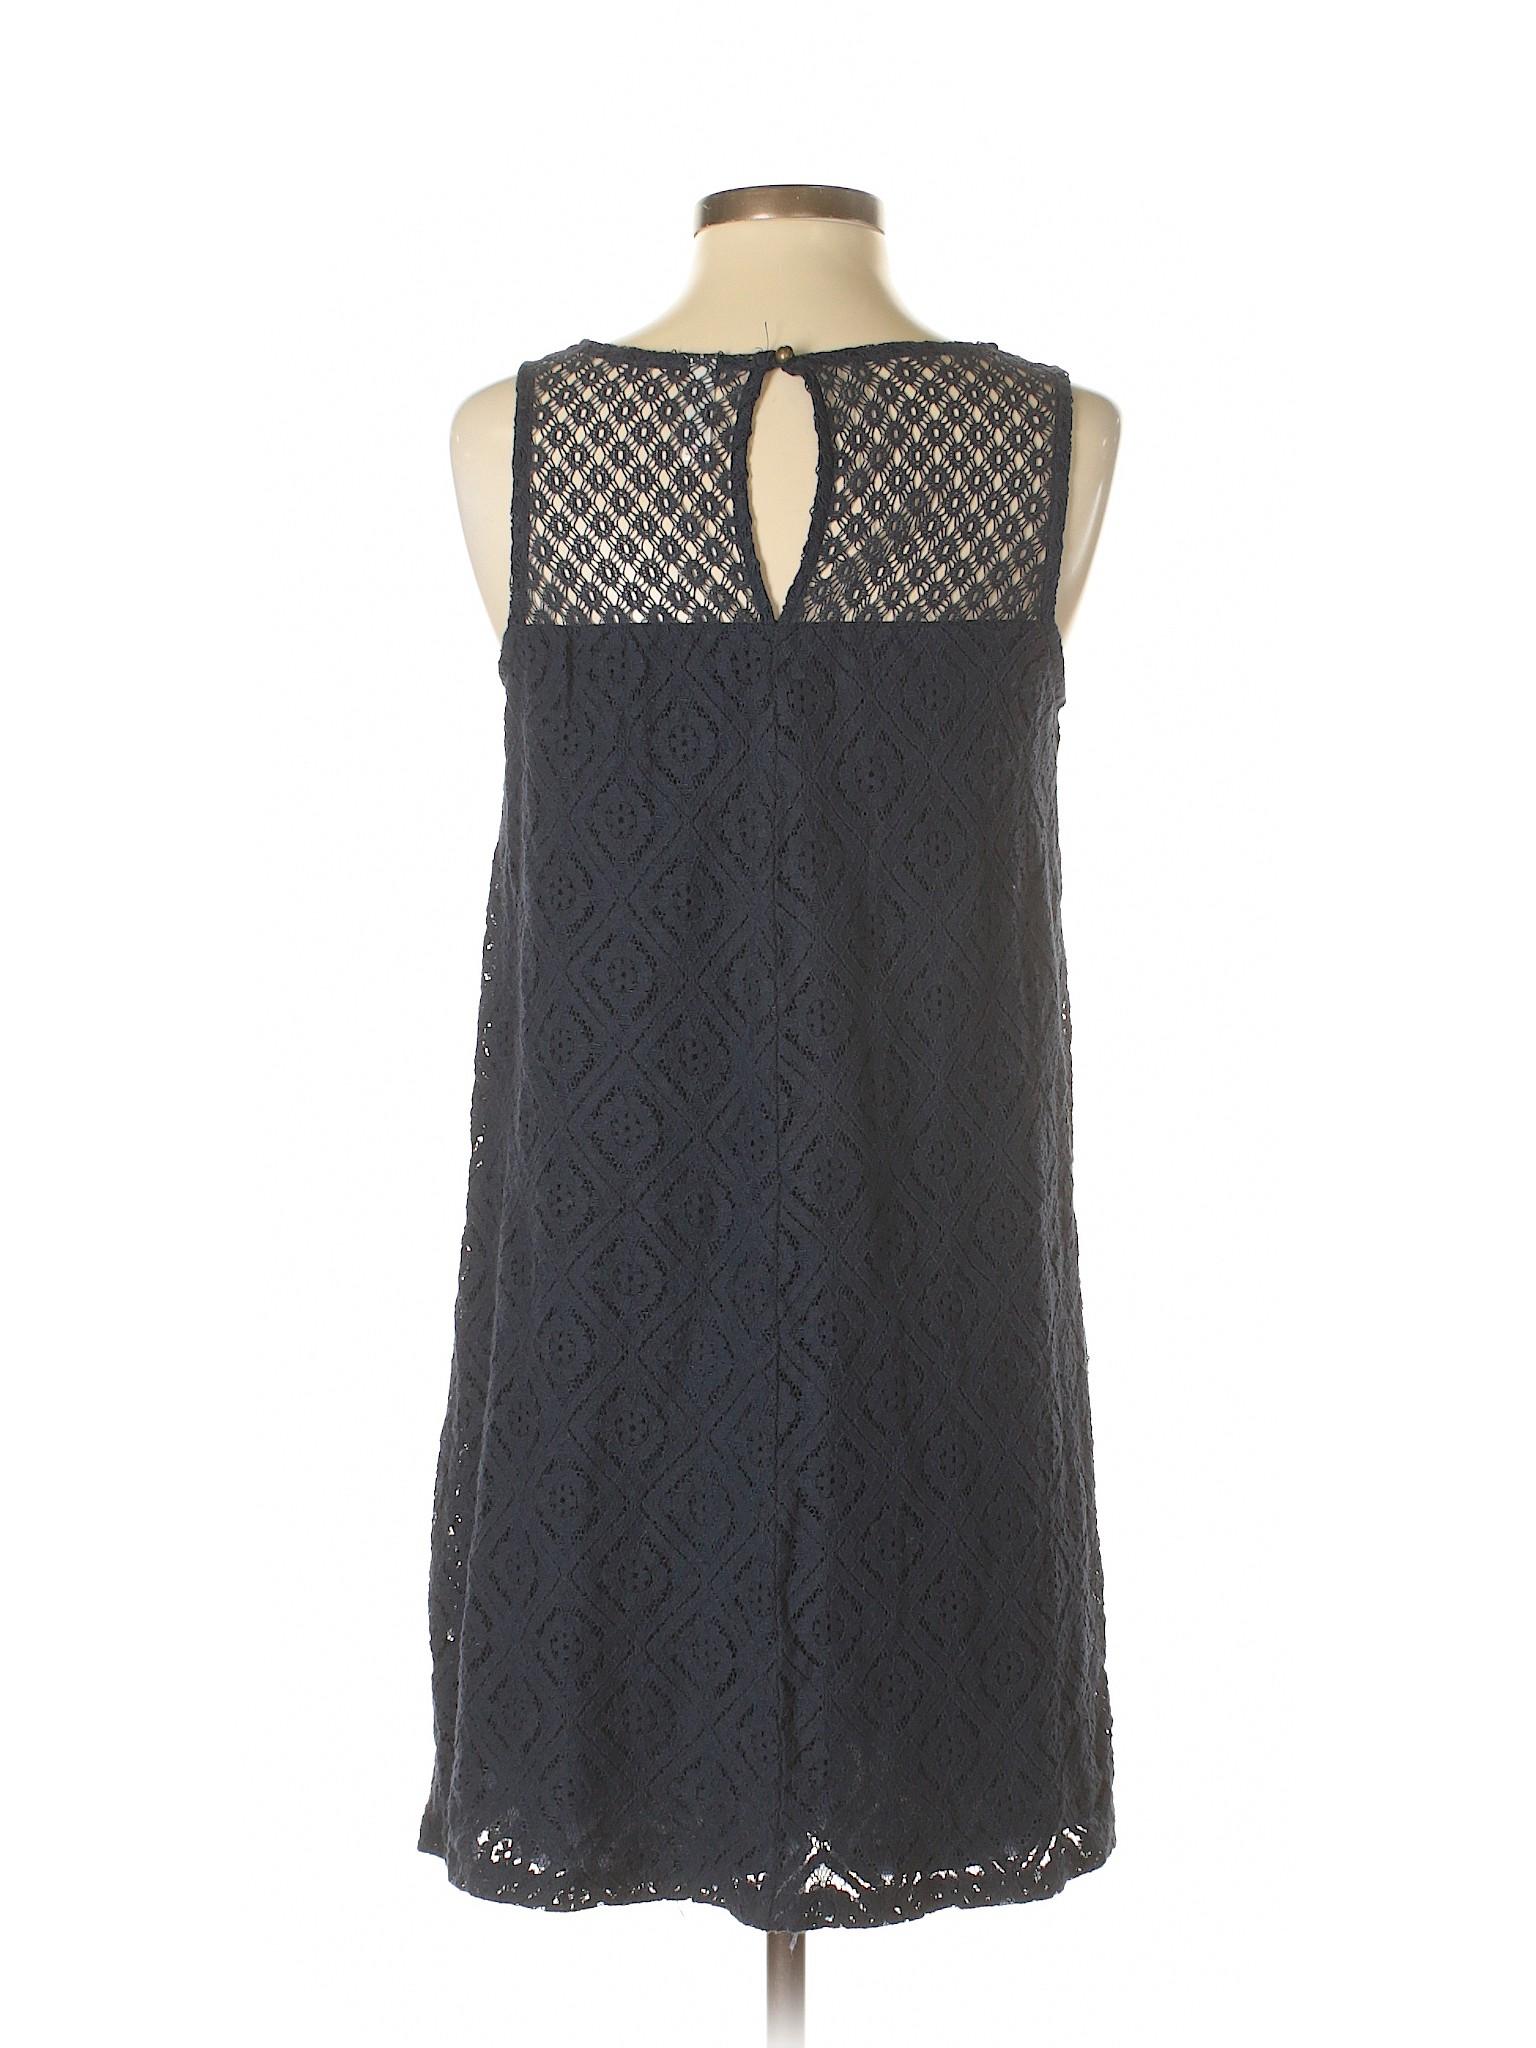 Boutique Boutique Dress Dress winter Xhilaration winter Casual Casual Xhilaration 6wq171